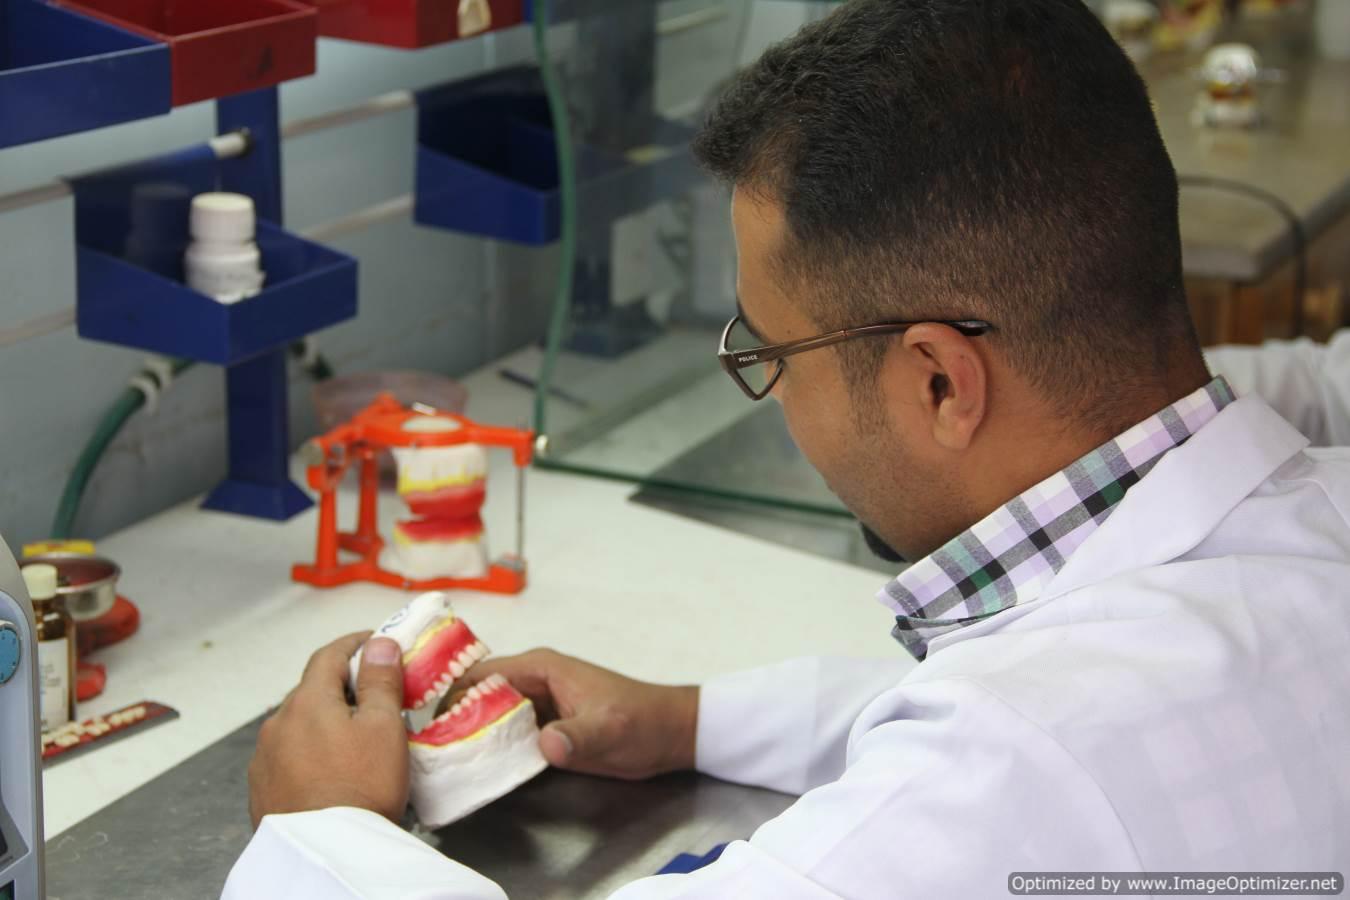 برنامج دبلوم تكنولوجيا الأسنان